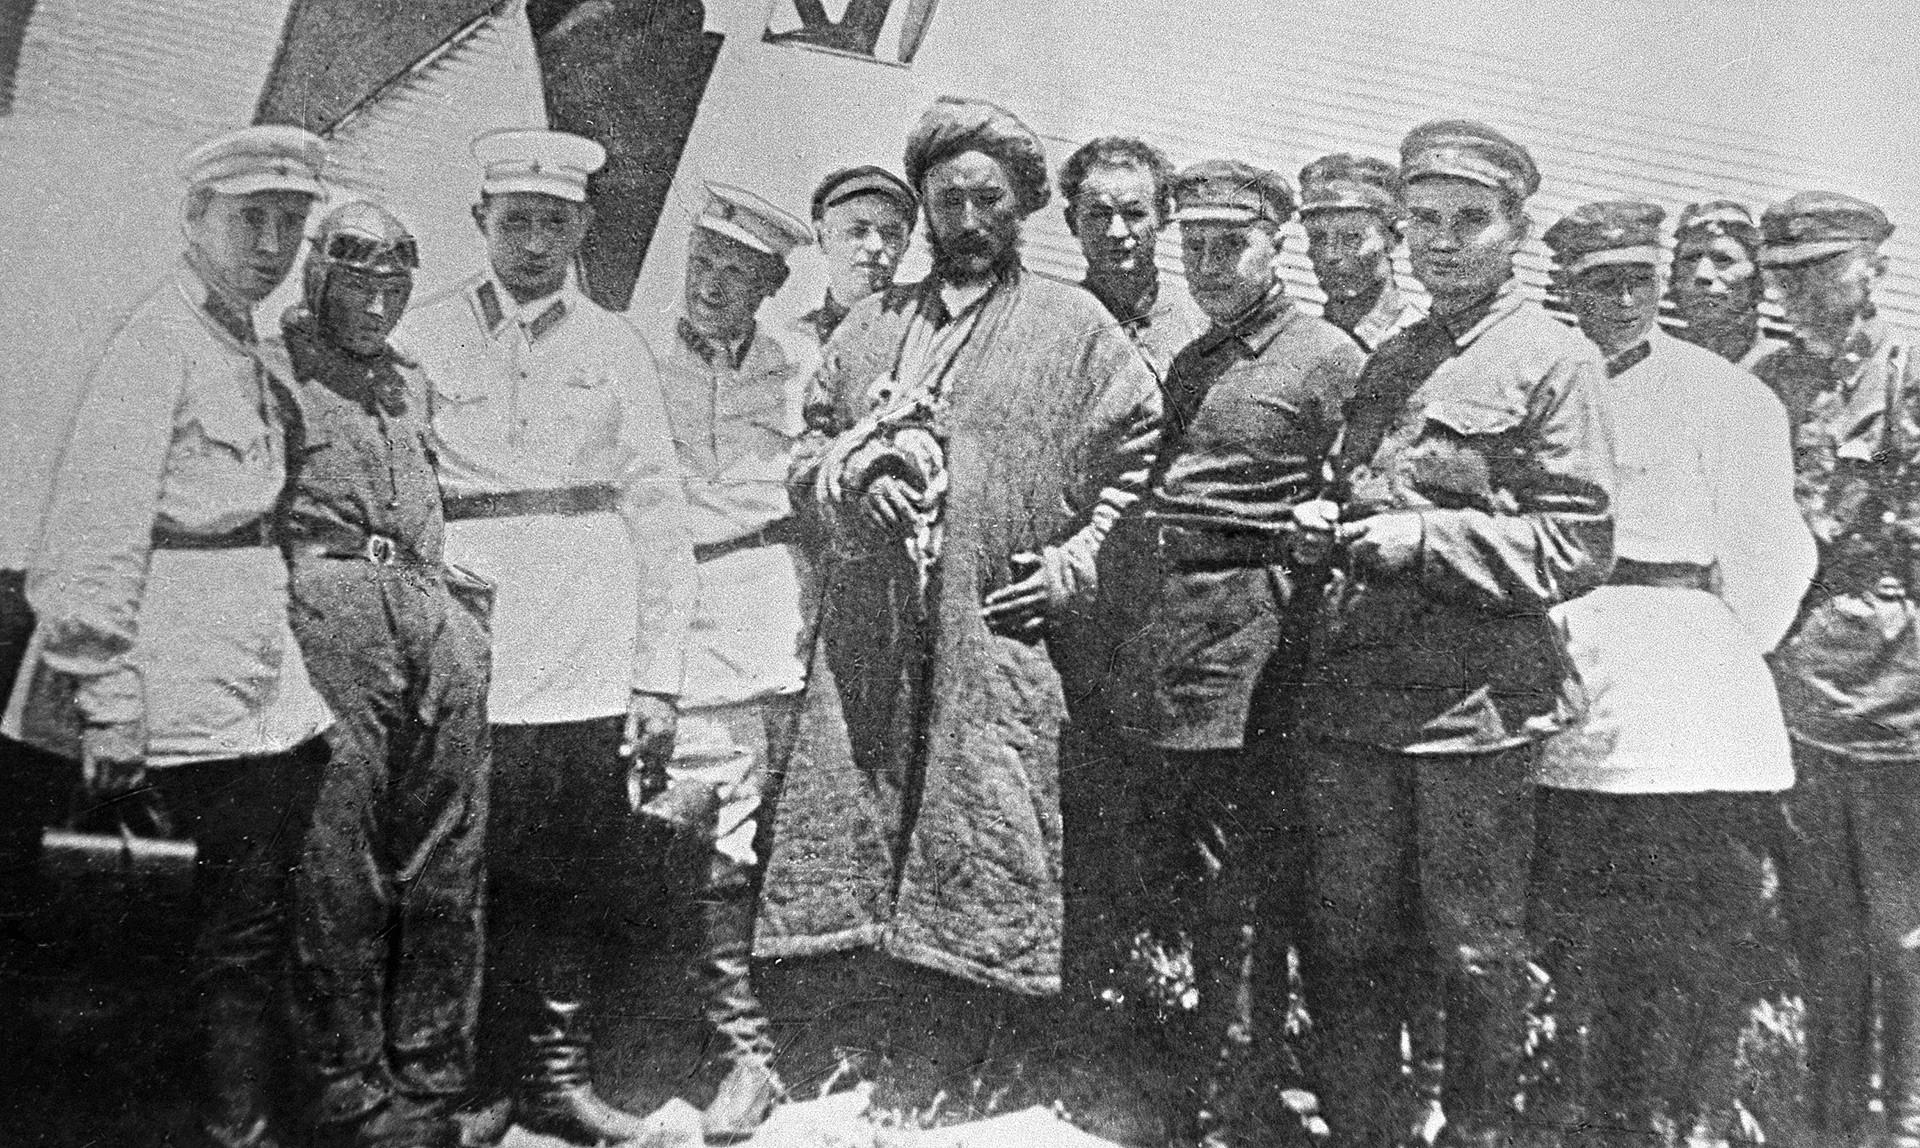 Sekelompok perwira OGPU bersama Ibrahim Bek (tengah), pemimpin pemberontak Basmachi, yang mereka tangkap.